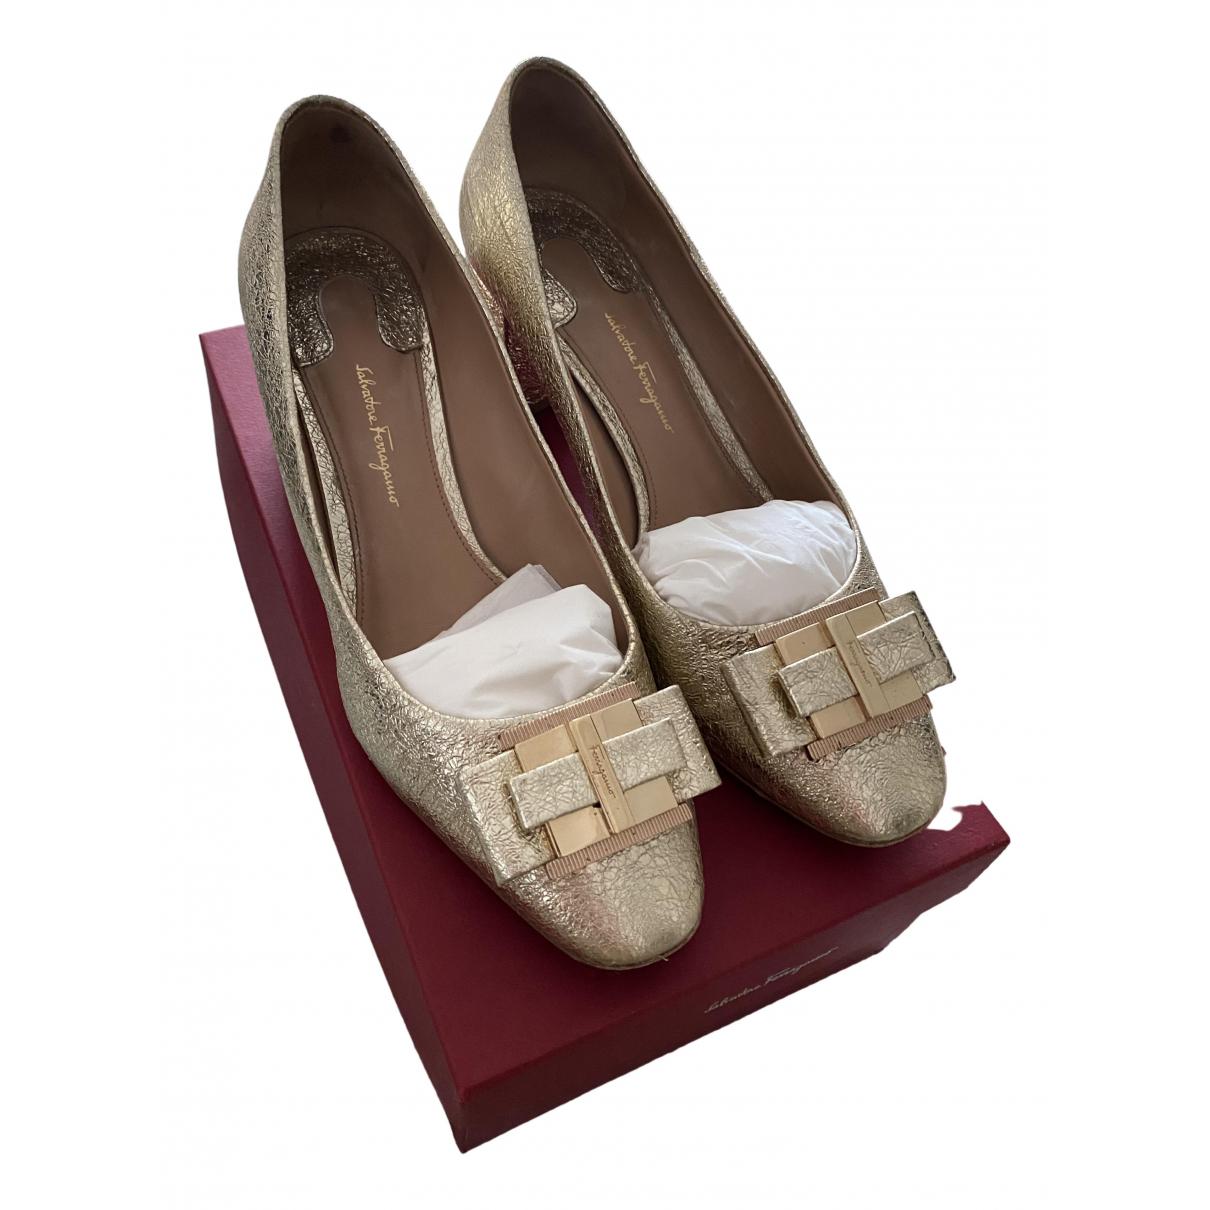 Salvatore Ferragamo \N Metallic Leather Heels for Women 41.5 EU